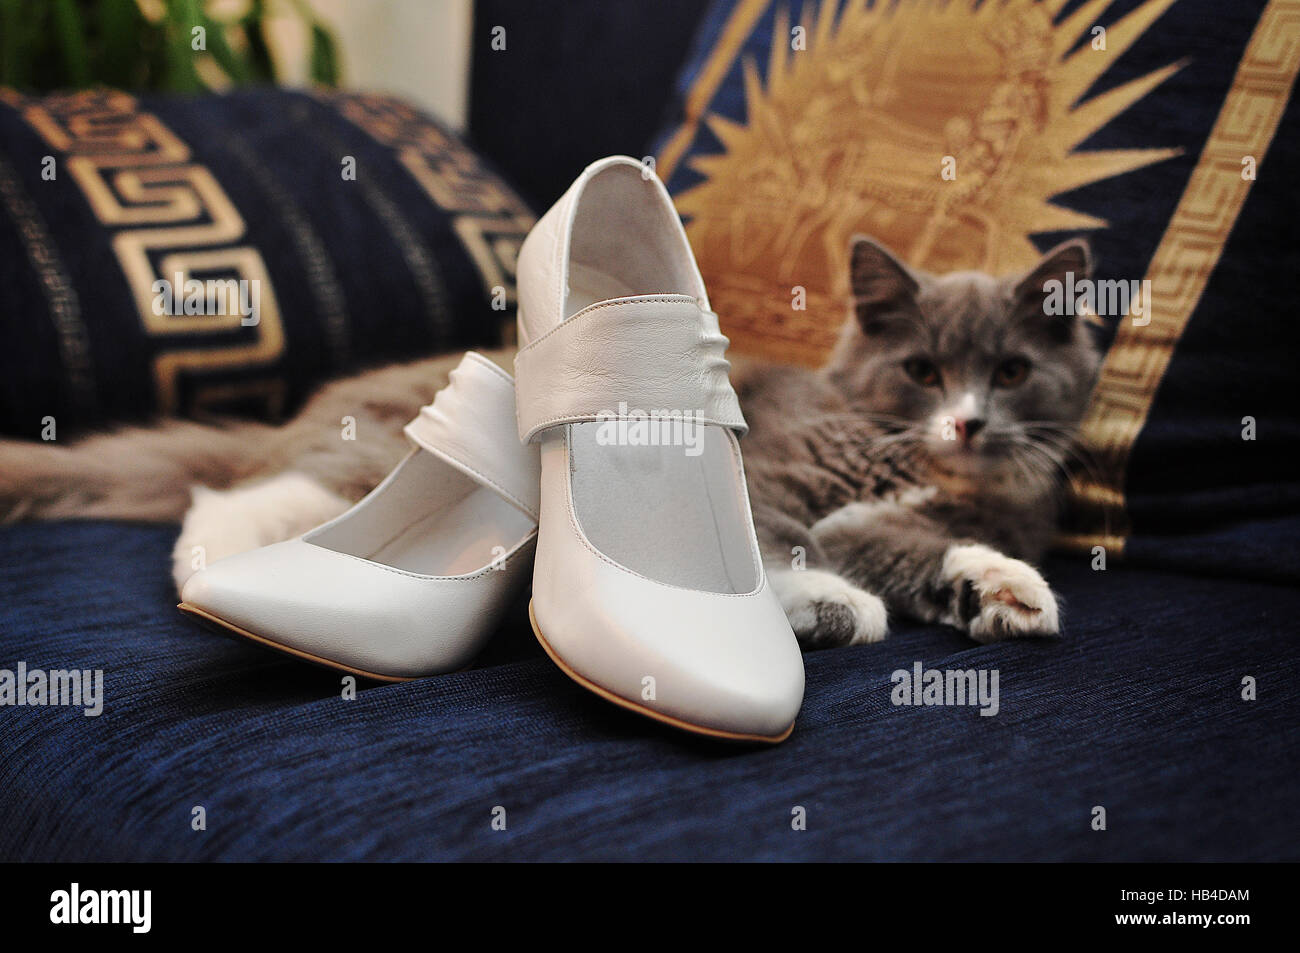 Lustige Graue Katze Sah Von Hochzeitsschuhe Stockfoto Bild